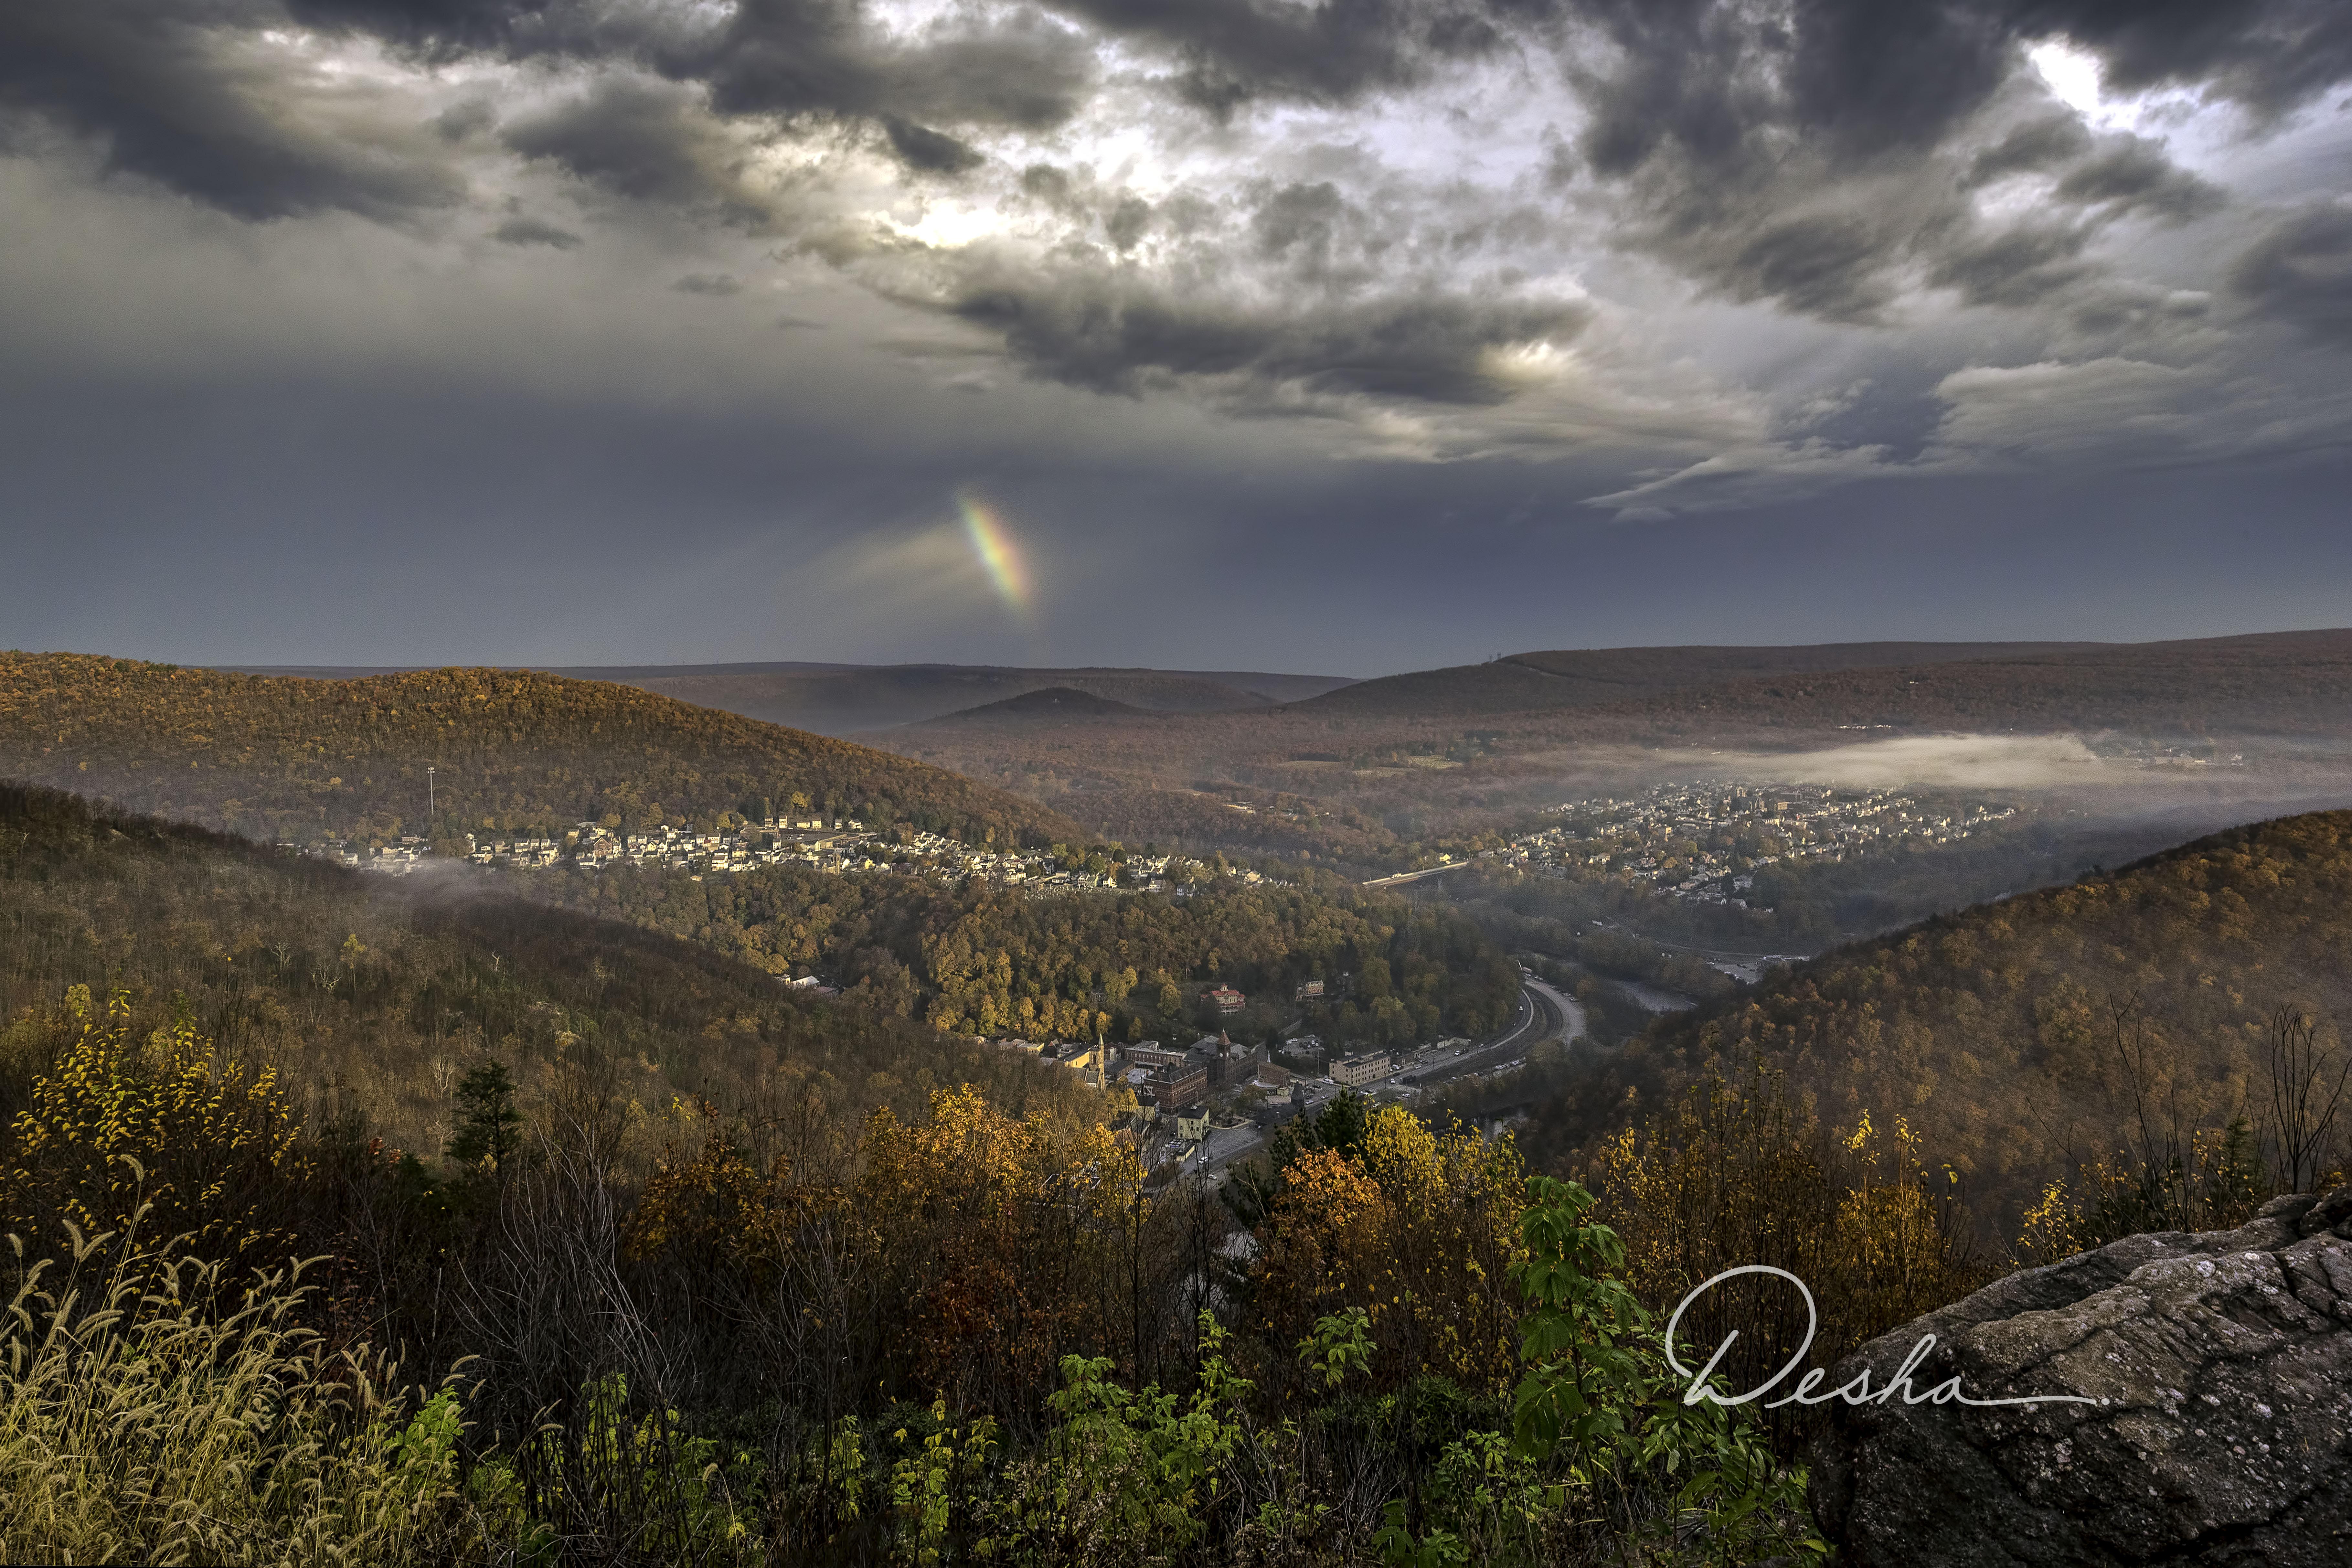 Rainbow over Jim Thorpe